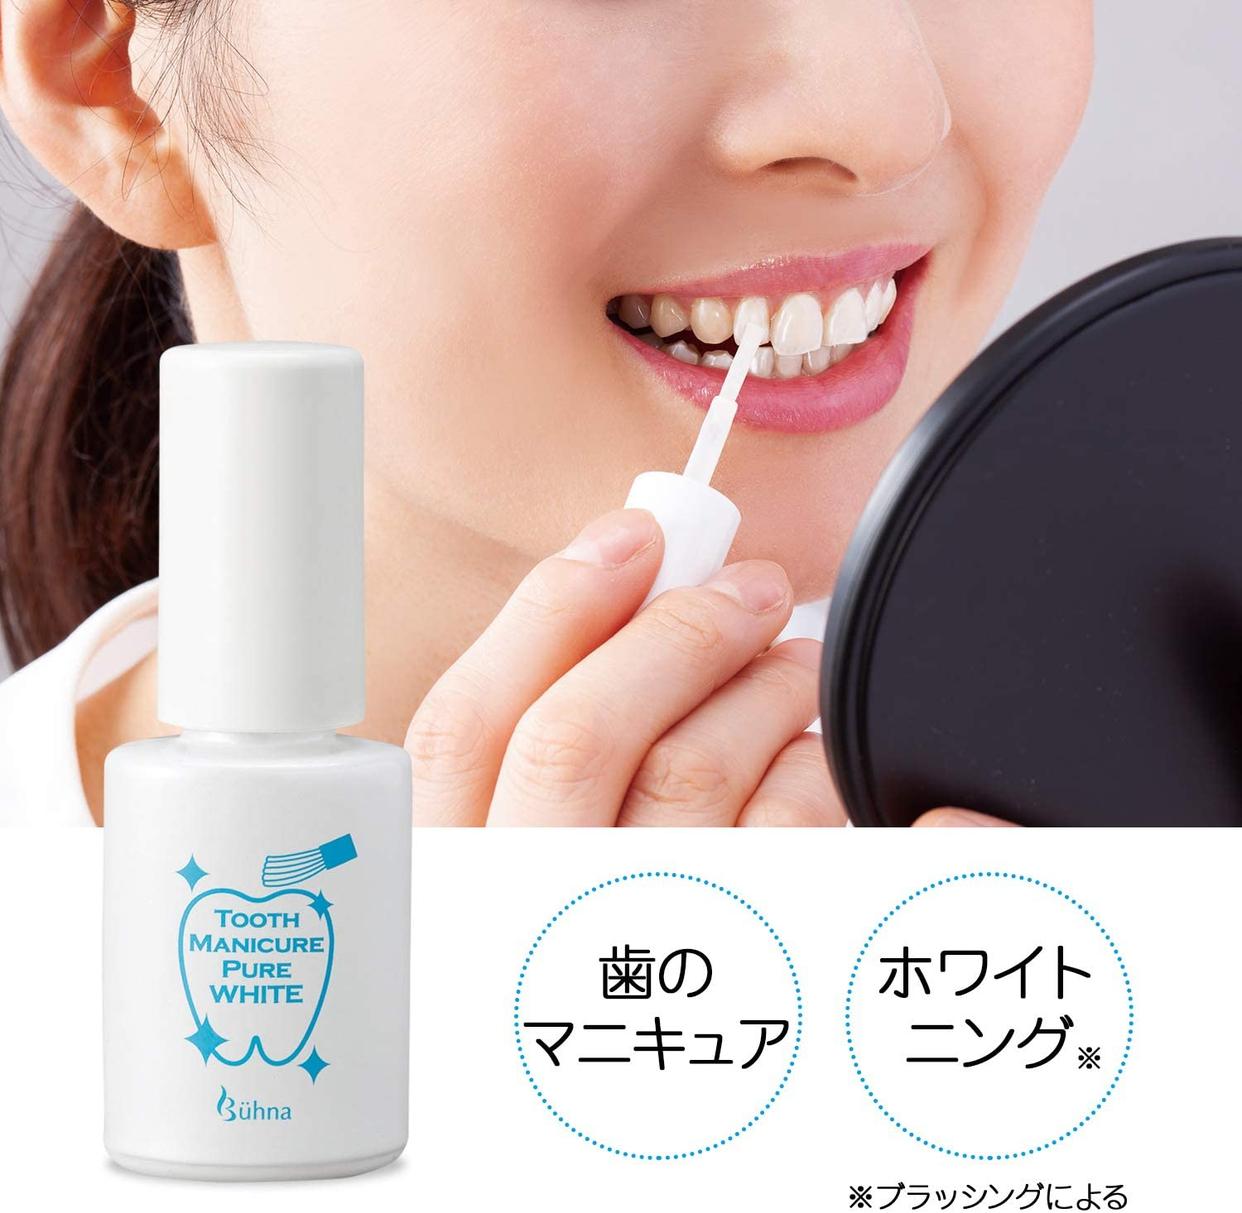 Buhna(ビューナ) トゥースマニキュア ピュアホワイトの商品画像7